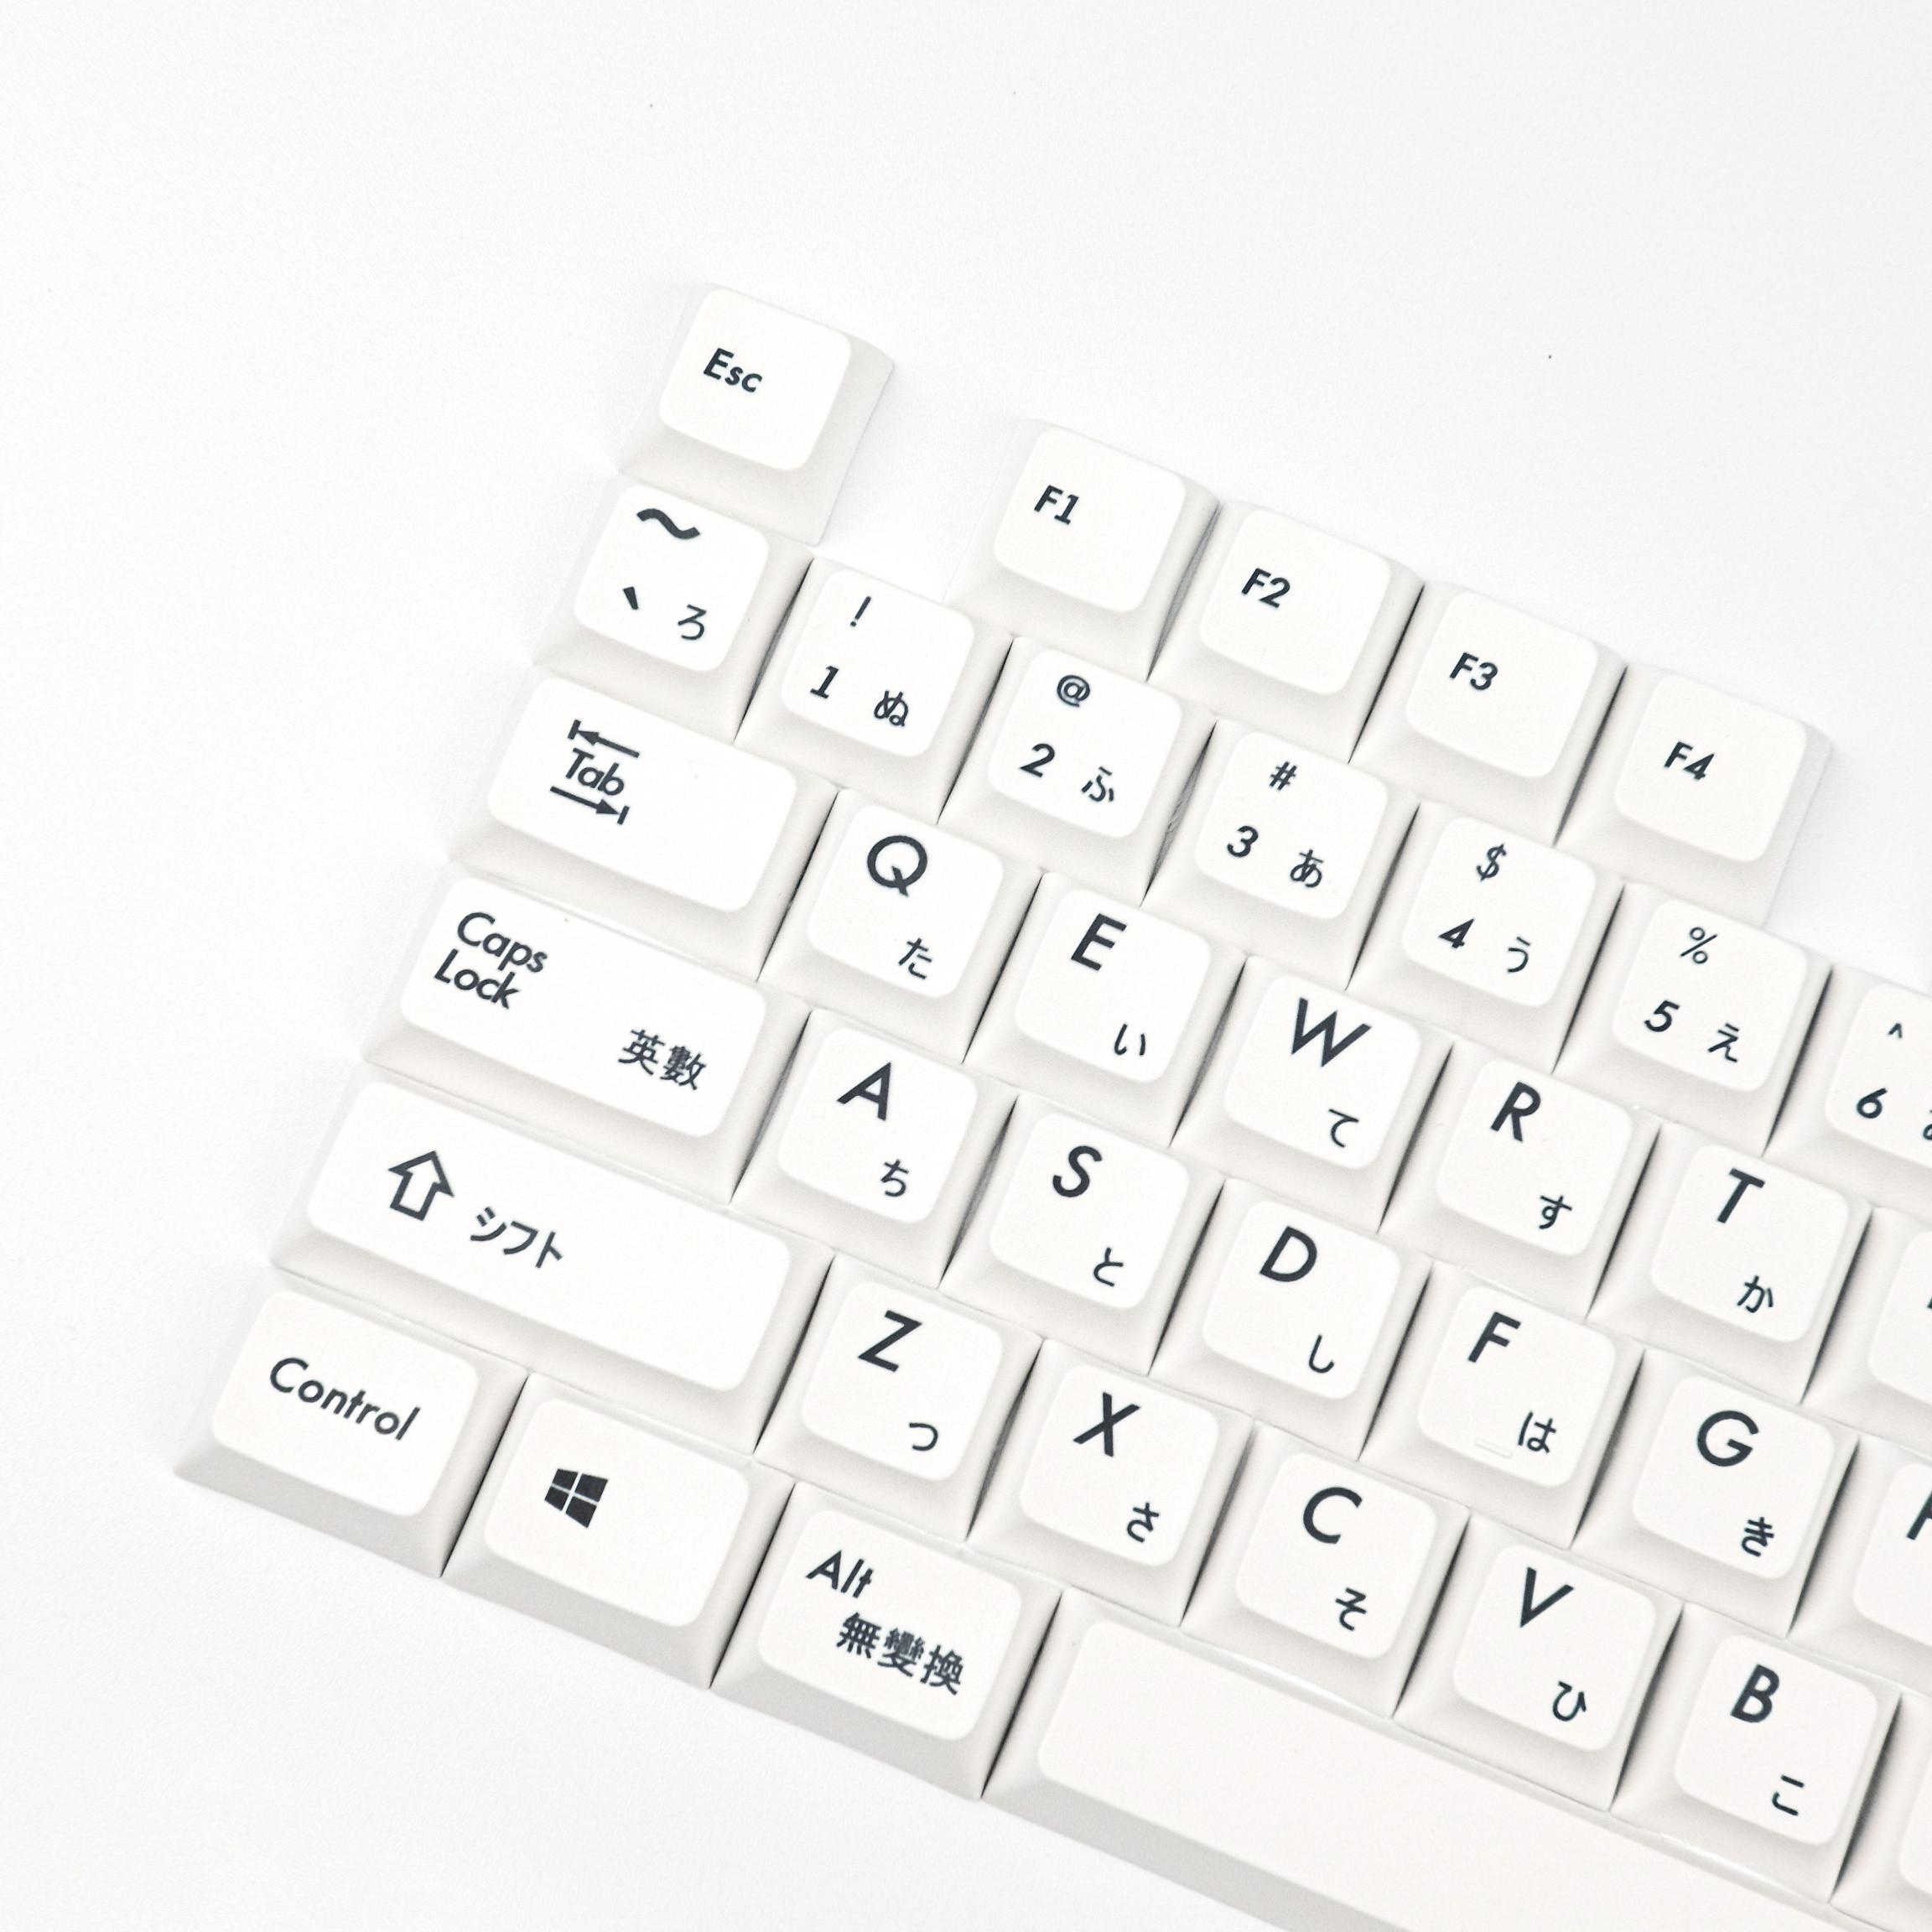 Keycaps giapponese XDA profilo Keycap PBT Dye Sublimated Keycaps 1. Tasti per tastiera meccanica 60 61 64 84 96 87 104 108 210315